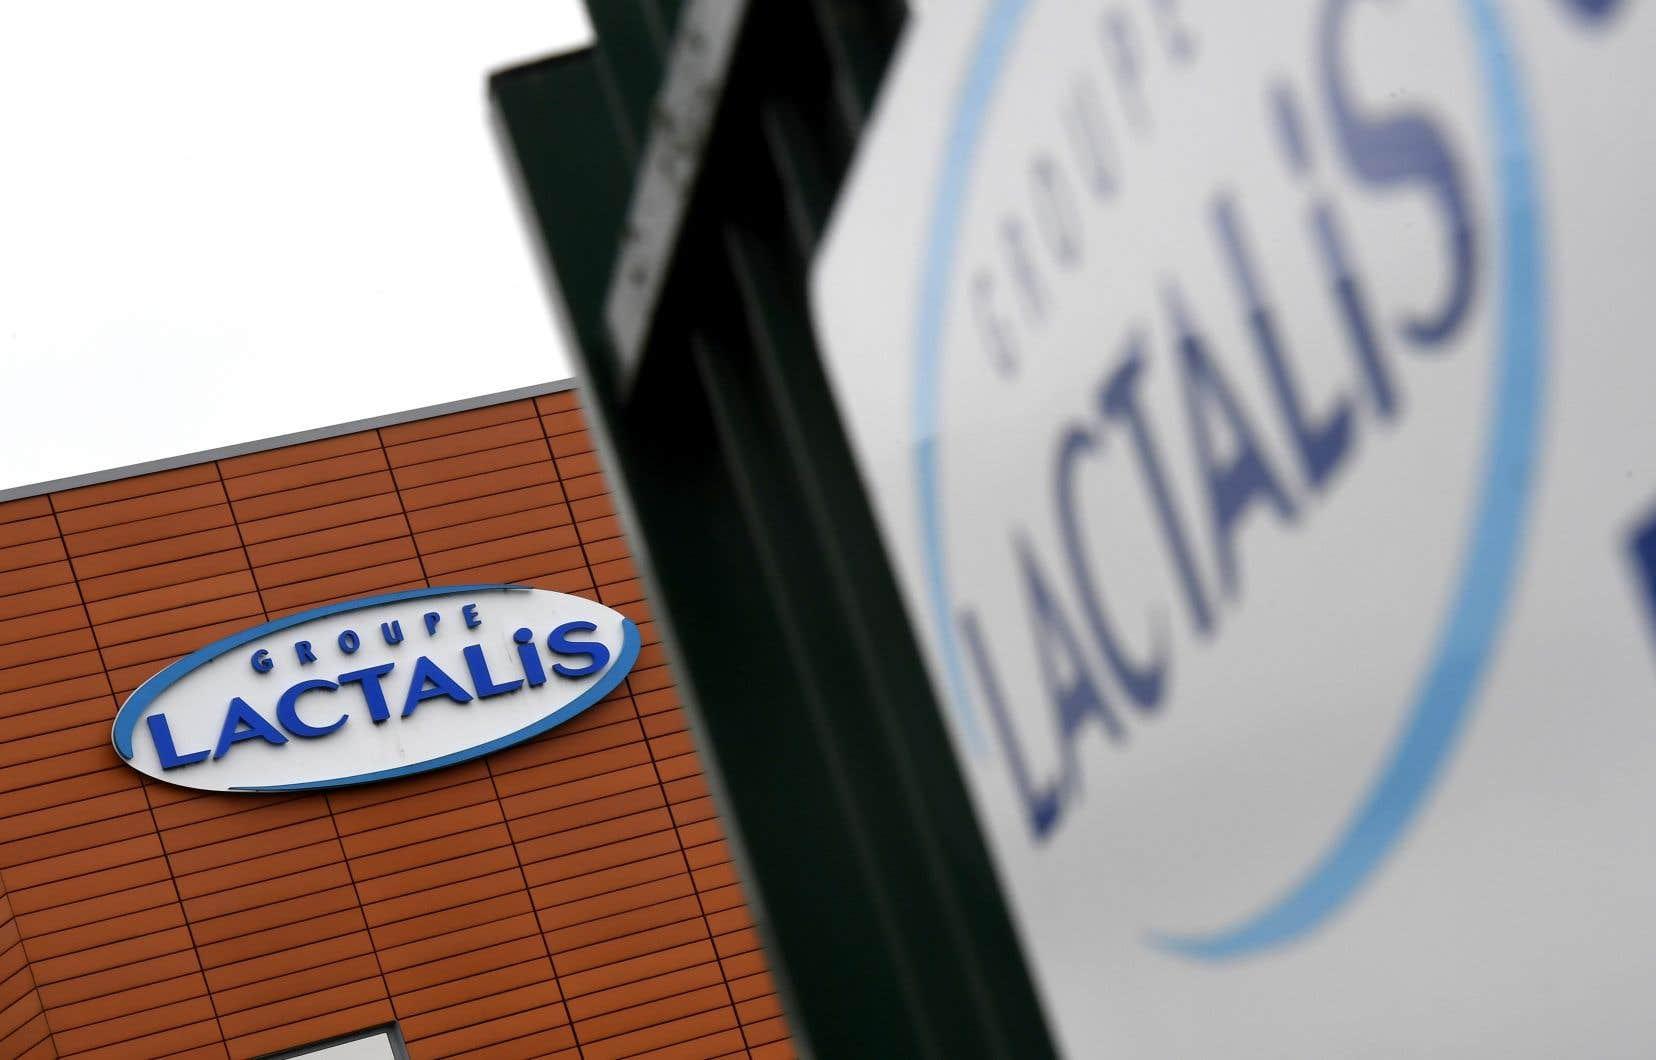 <p>Né d'une petite entreprise familiale, Lactalis est devenu un géant mondial avec 246 sites de production dans 47 pays et 75 000 collaborateurs.</p>